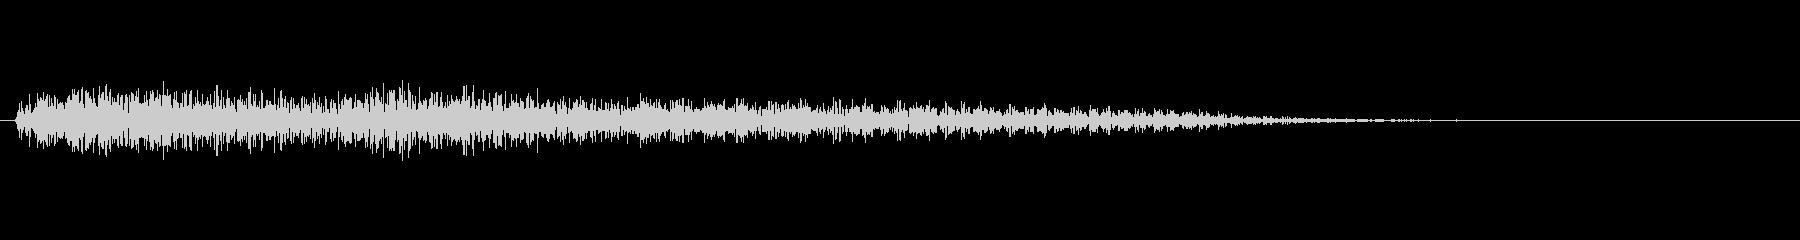 ピアノ SE05の未再生の波形